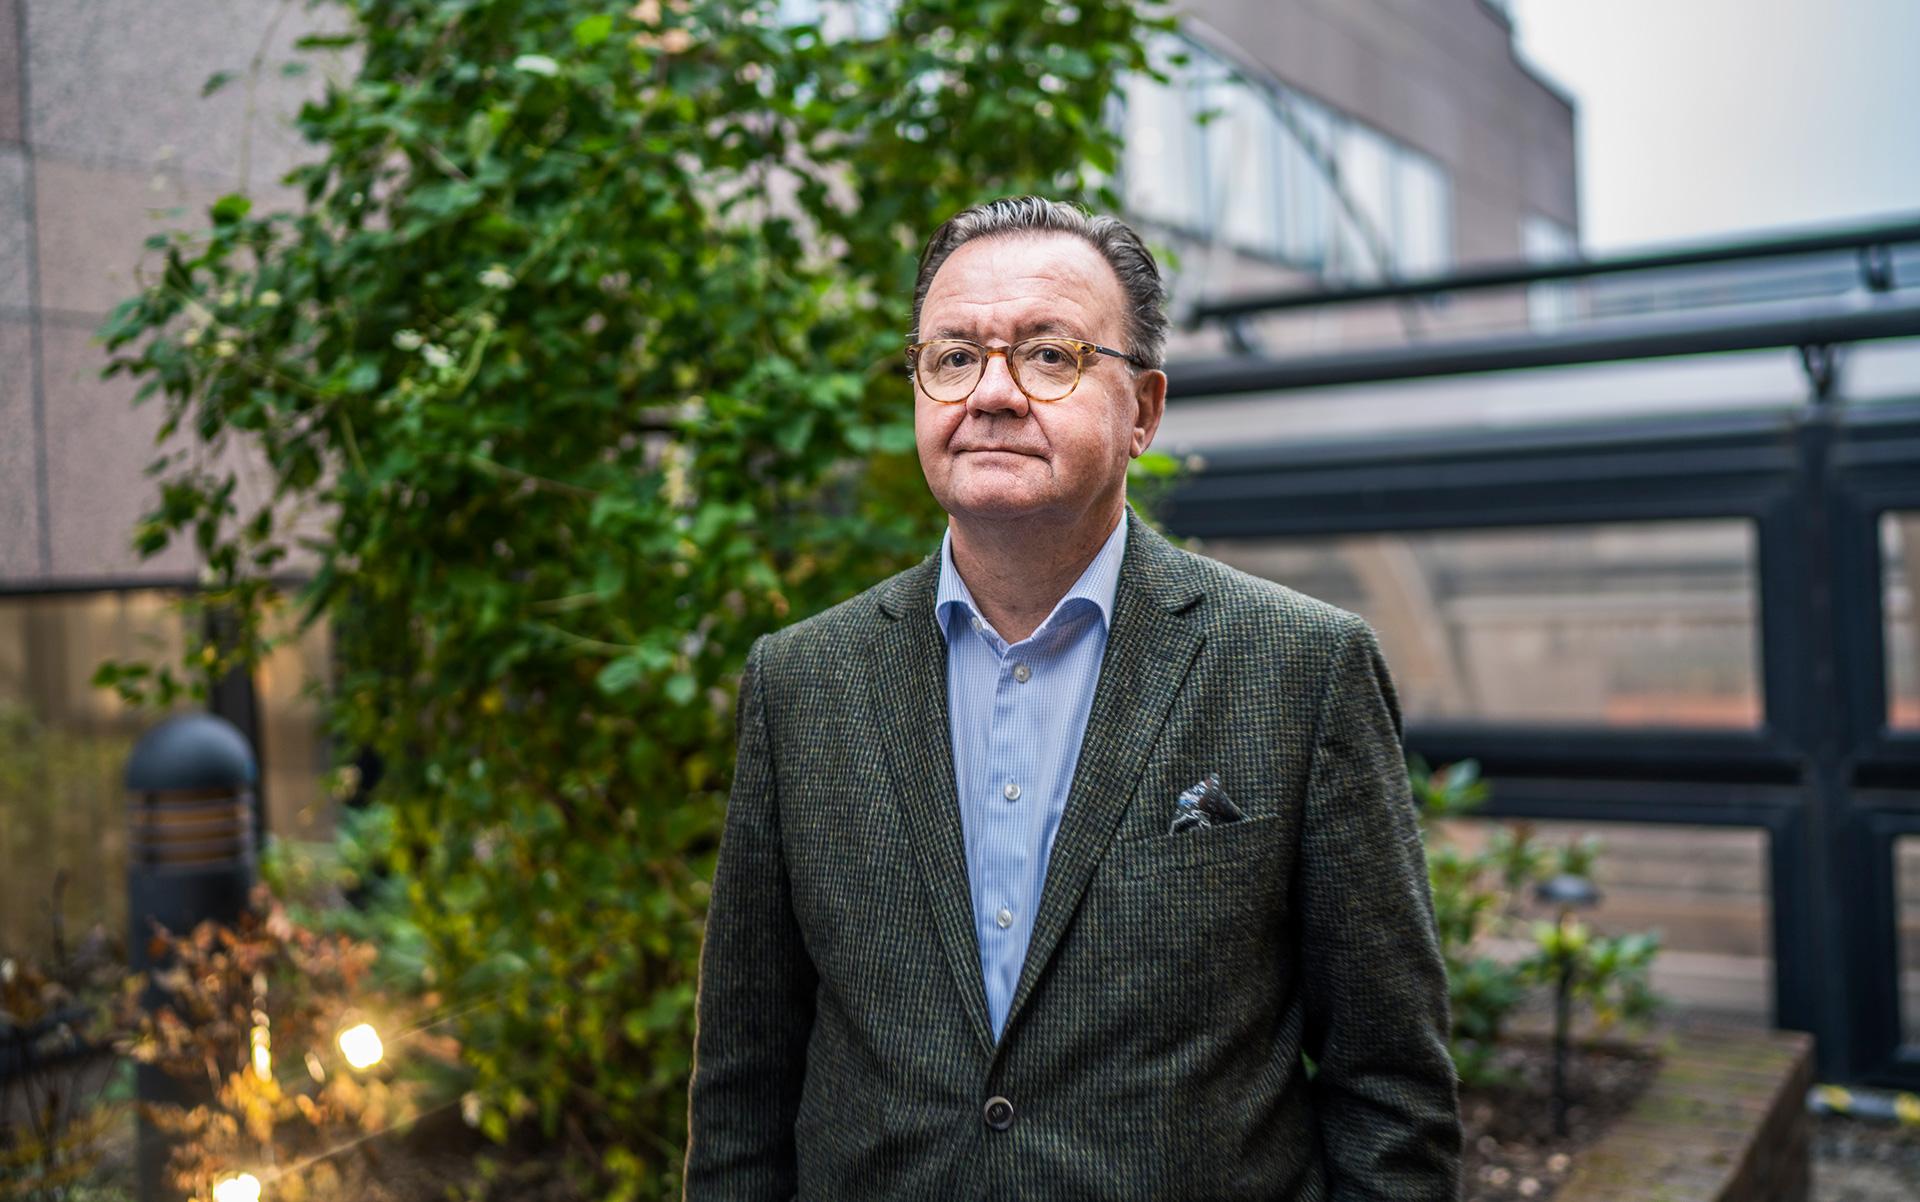 Karl-Henrik Sundström, výkonný ředitel švédsko-finské skupiny Stora Enso podnikající v oblasti lesnictví, celulózy apapíru